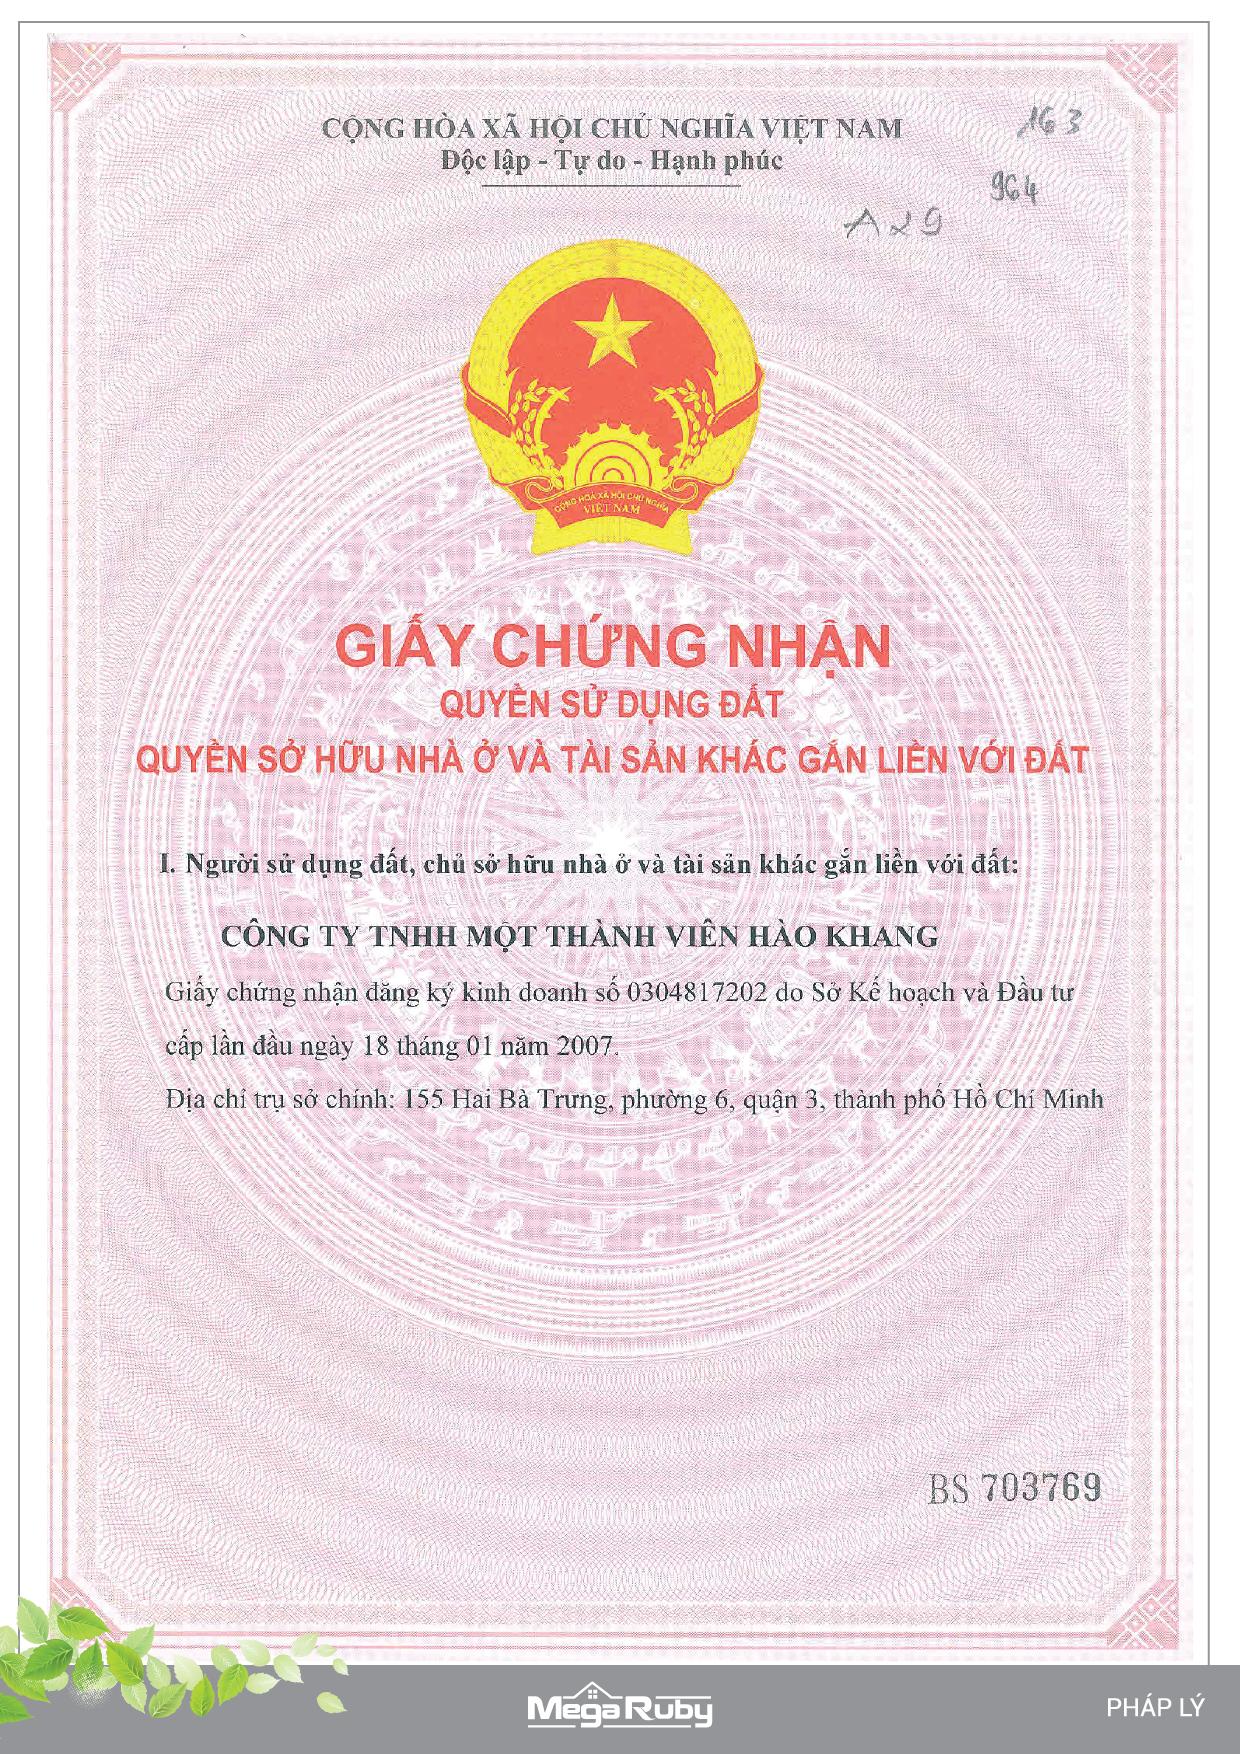 pháp lý dự án mega ruby khang điền